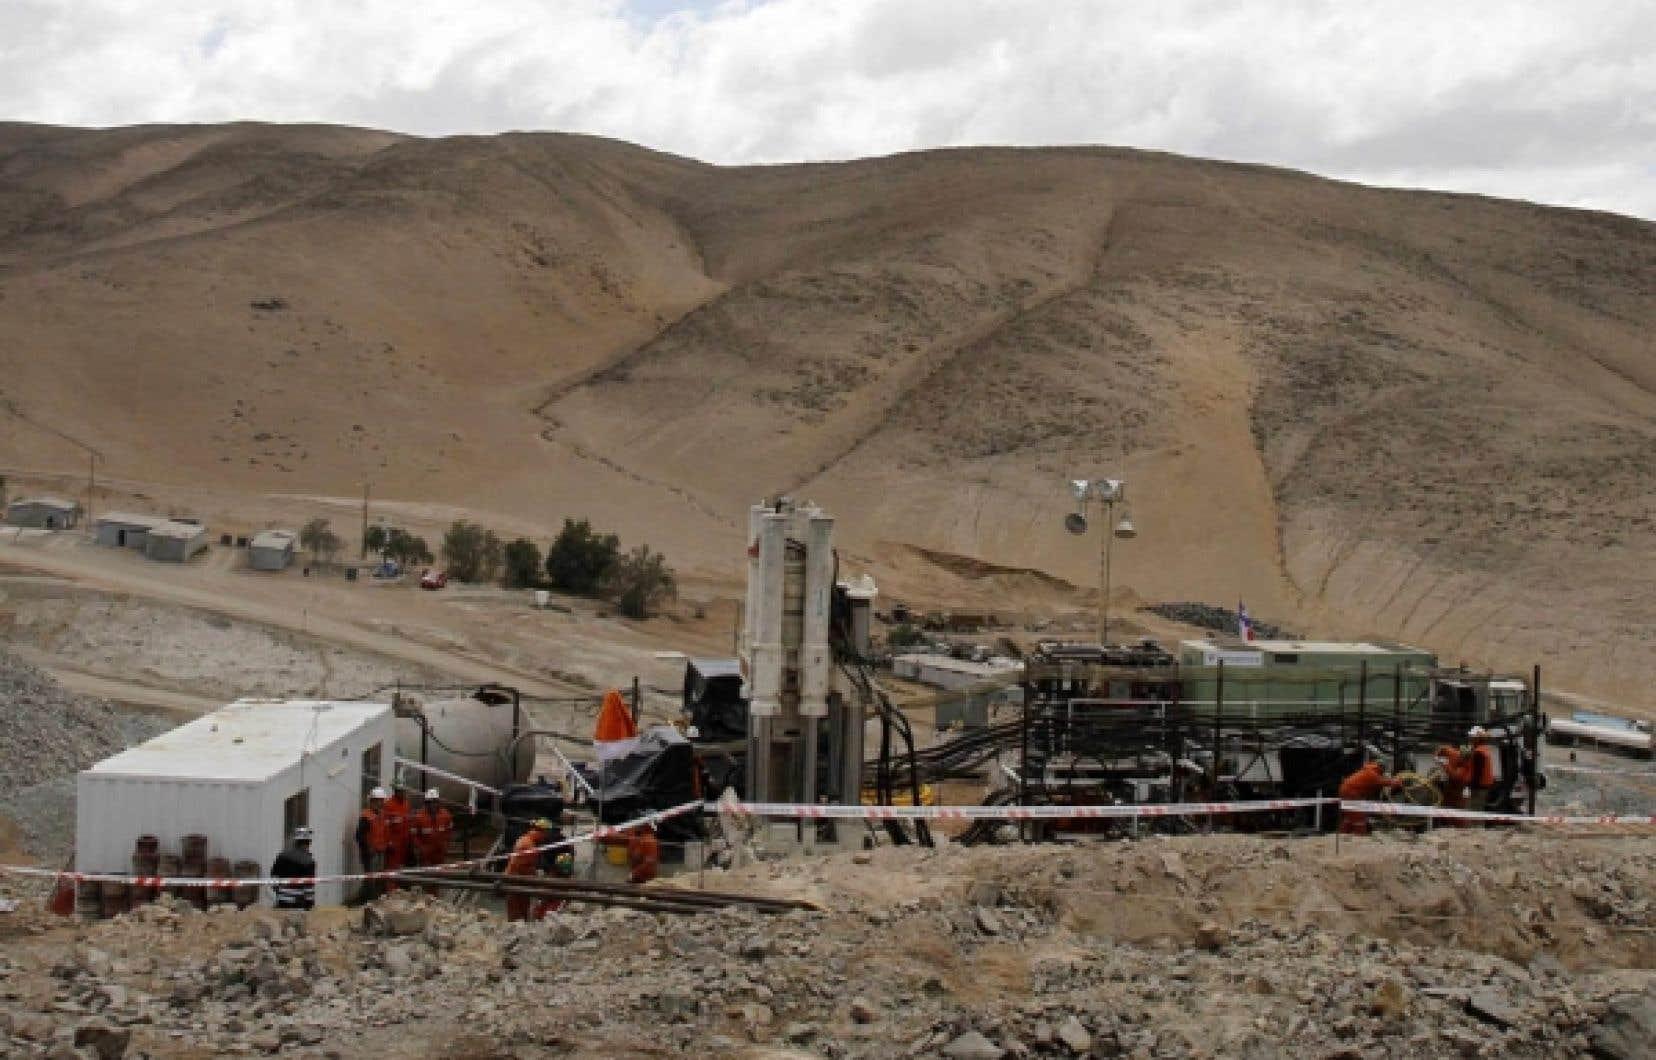 Pendant que l'on s'affaire à forer un tunnel pour sortir 33 mineurs de leur prison, les rescapés parlent des dangers dans lesquels ils travaillaient à Copiapo, au Chili.<br />